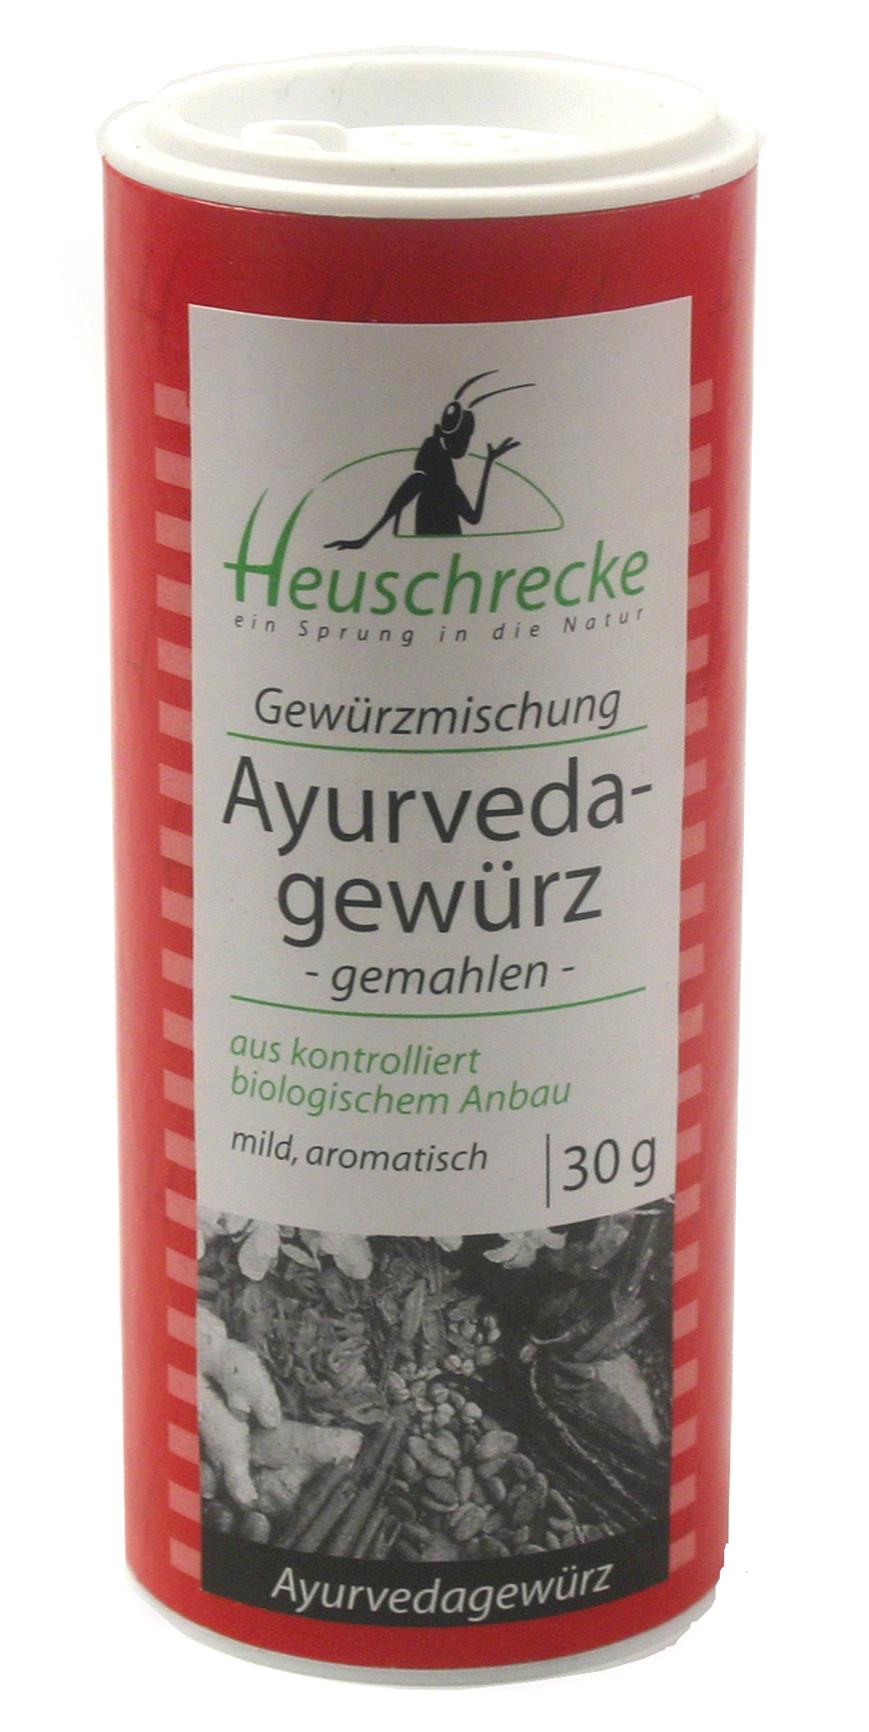 Bio Ayurveda-Gewürz (gemahlen), 30 g